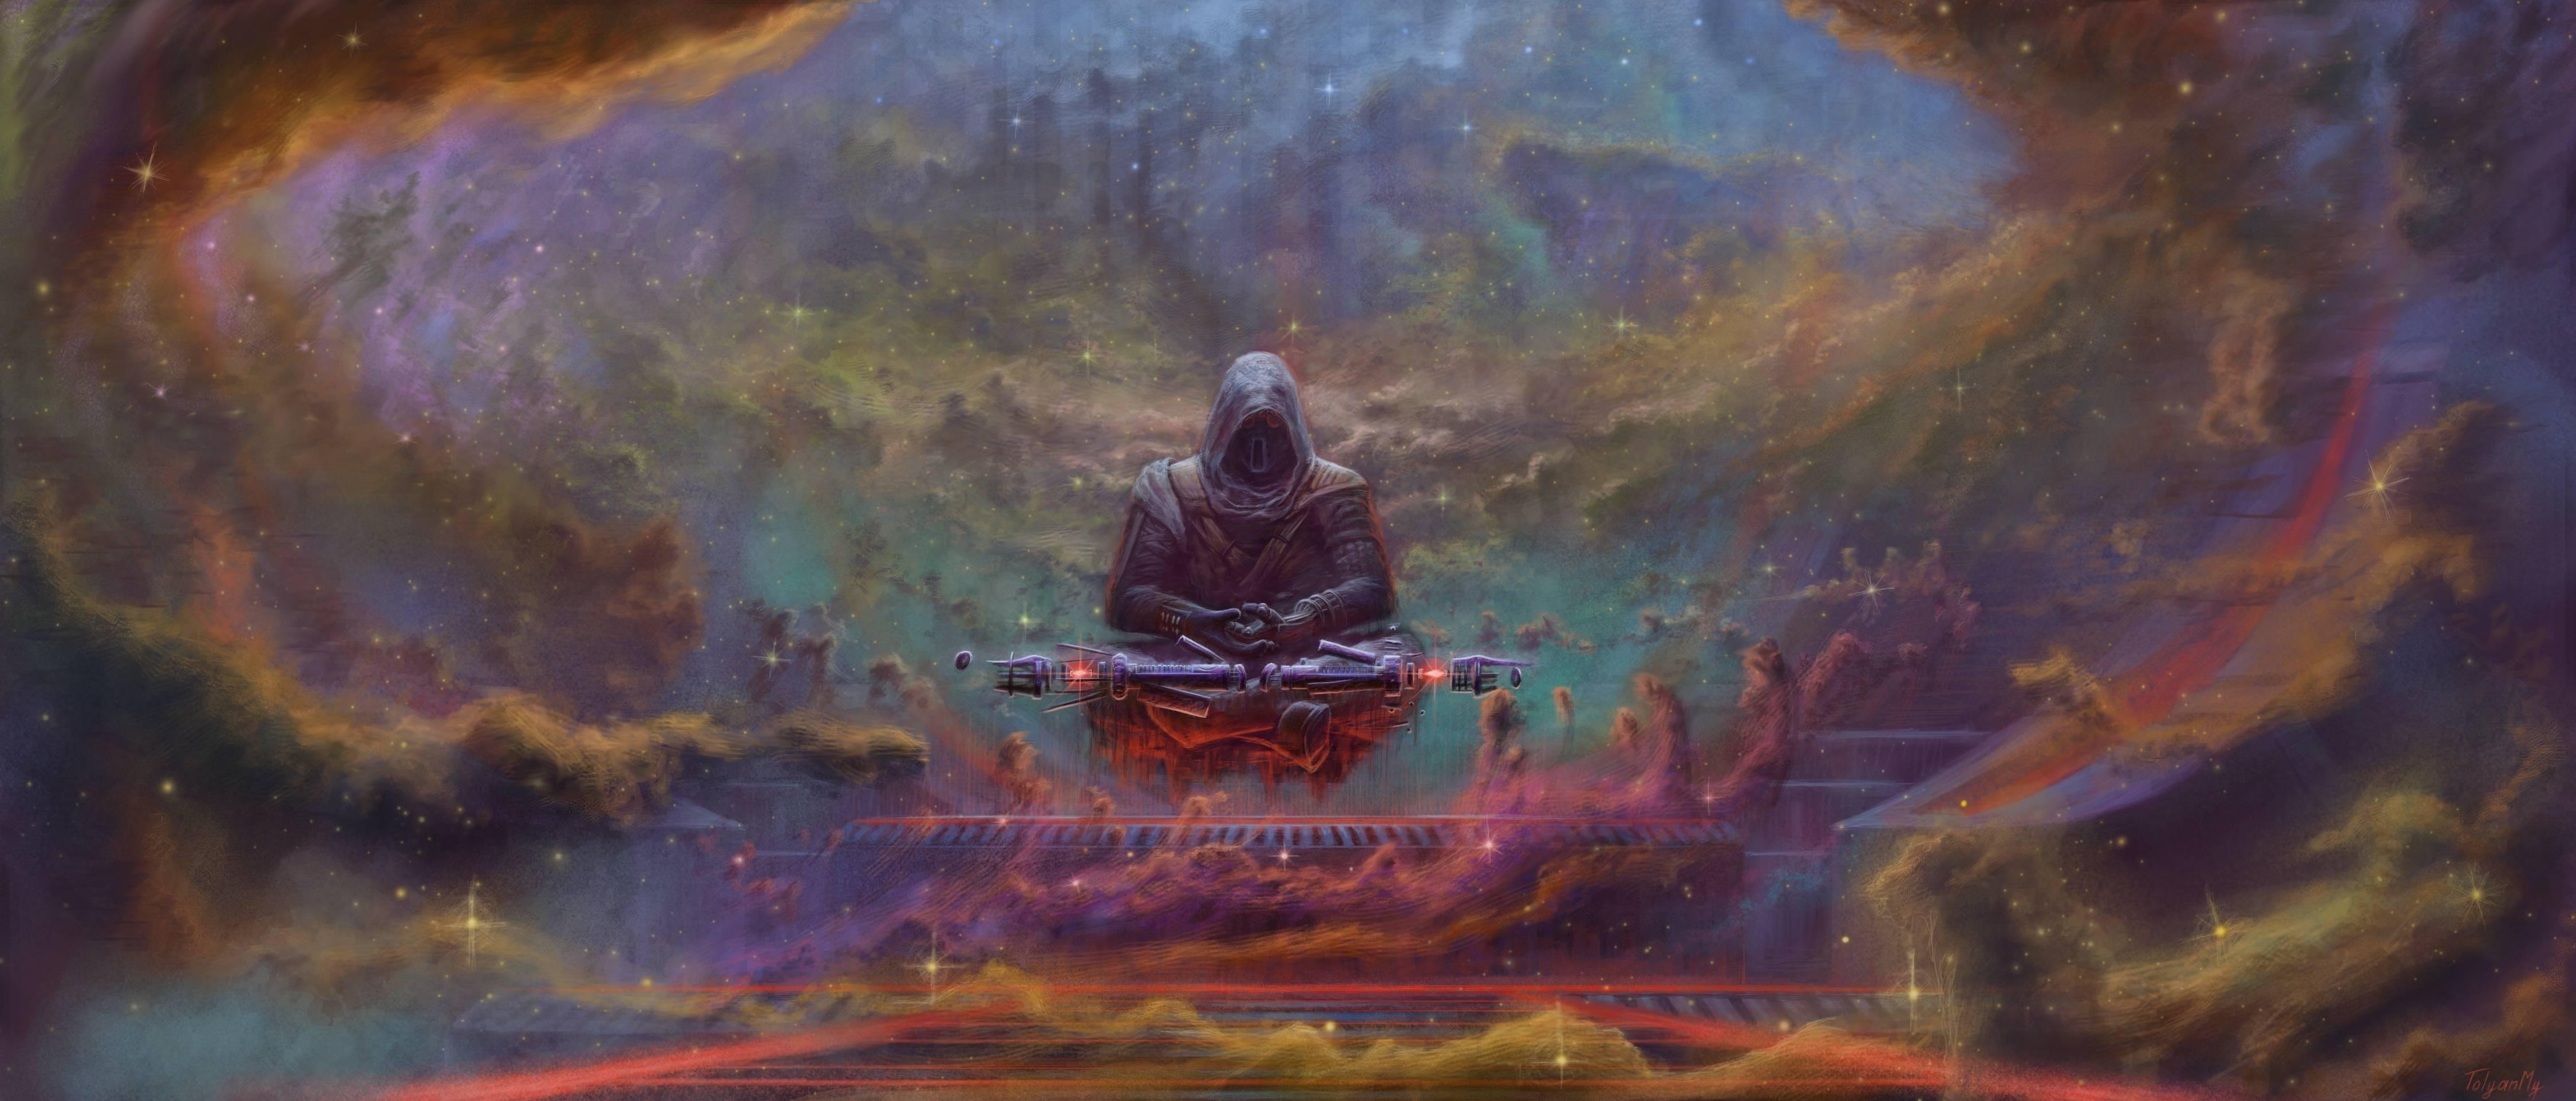 Wallpaper Painting Sith Nebula Universe Meditation Art